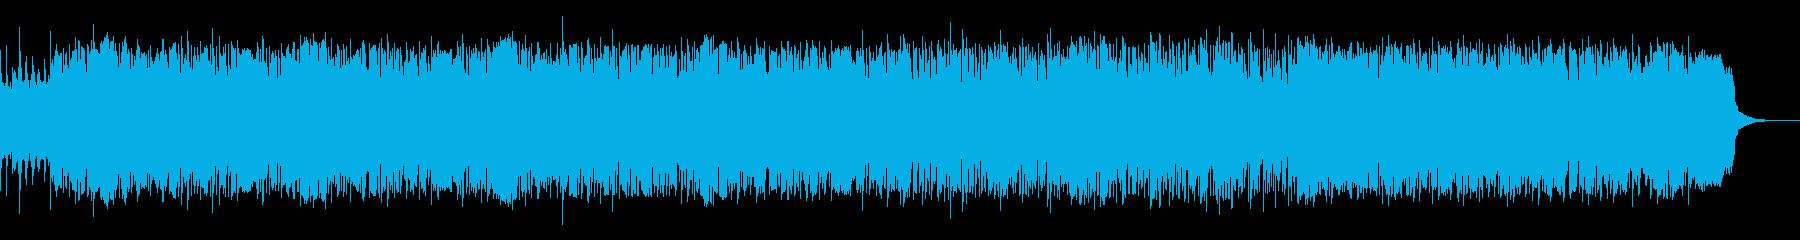 ♪爽やか商品紹介BGM♪の再生済みの波形